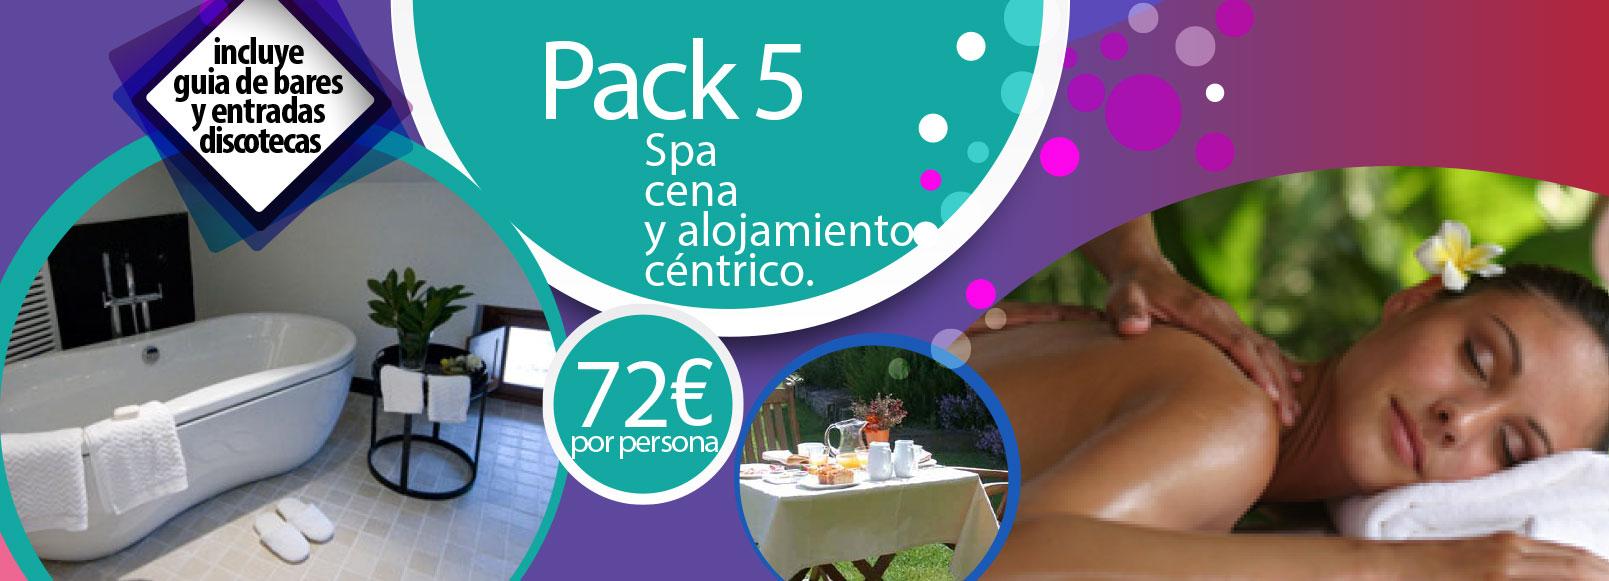 Pack 5: Spa, cena y alojamiento céntrico